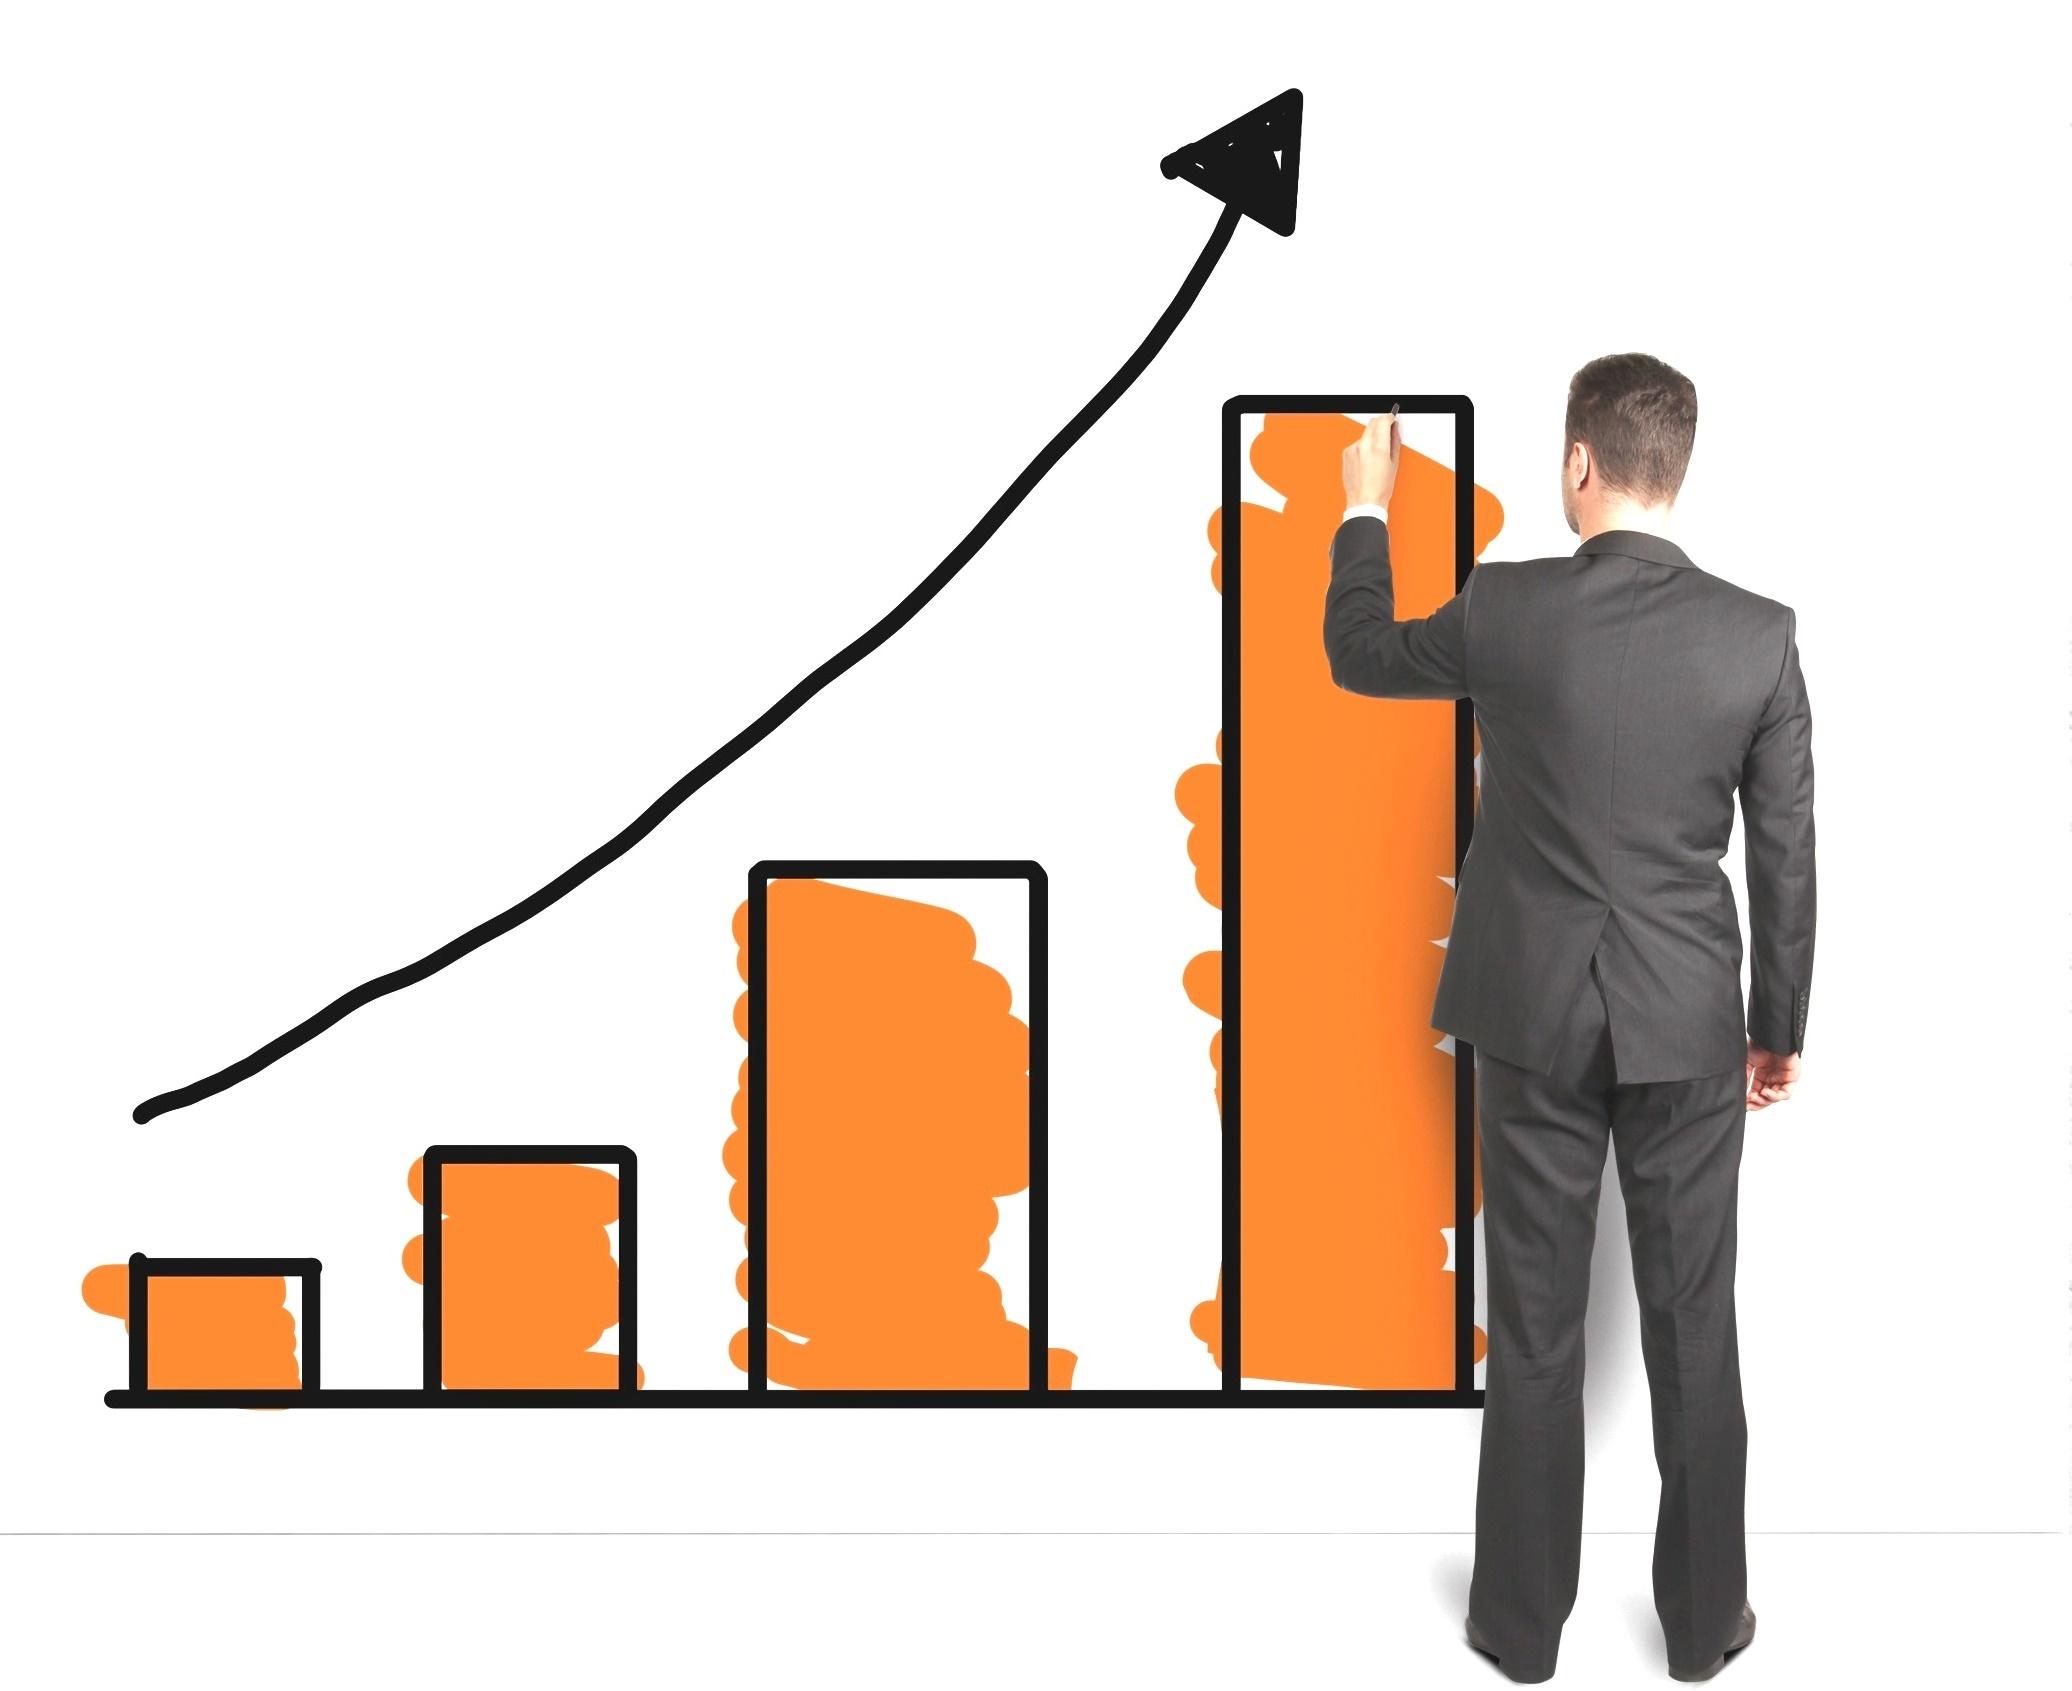 Unsere Angebote für Ihren Unternehmenserfolg: Full-Service mit Struktur und Logik. Test, Check, Analyse, Beratung, Coaching, Gestaltung, Business-Coaching, Führungskräfte-Coaching, Psychologie für Wirtschaft, Betrieb und Personalwesen